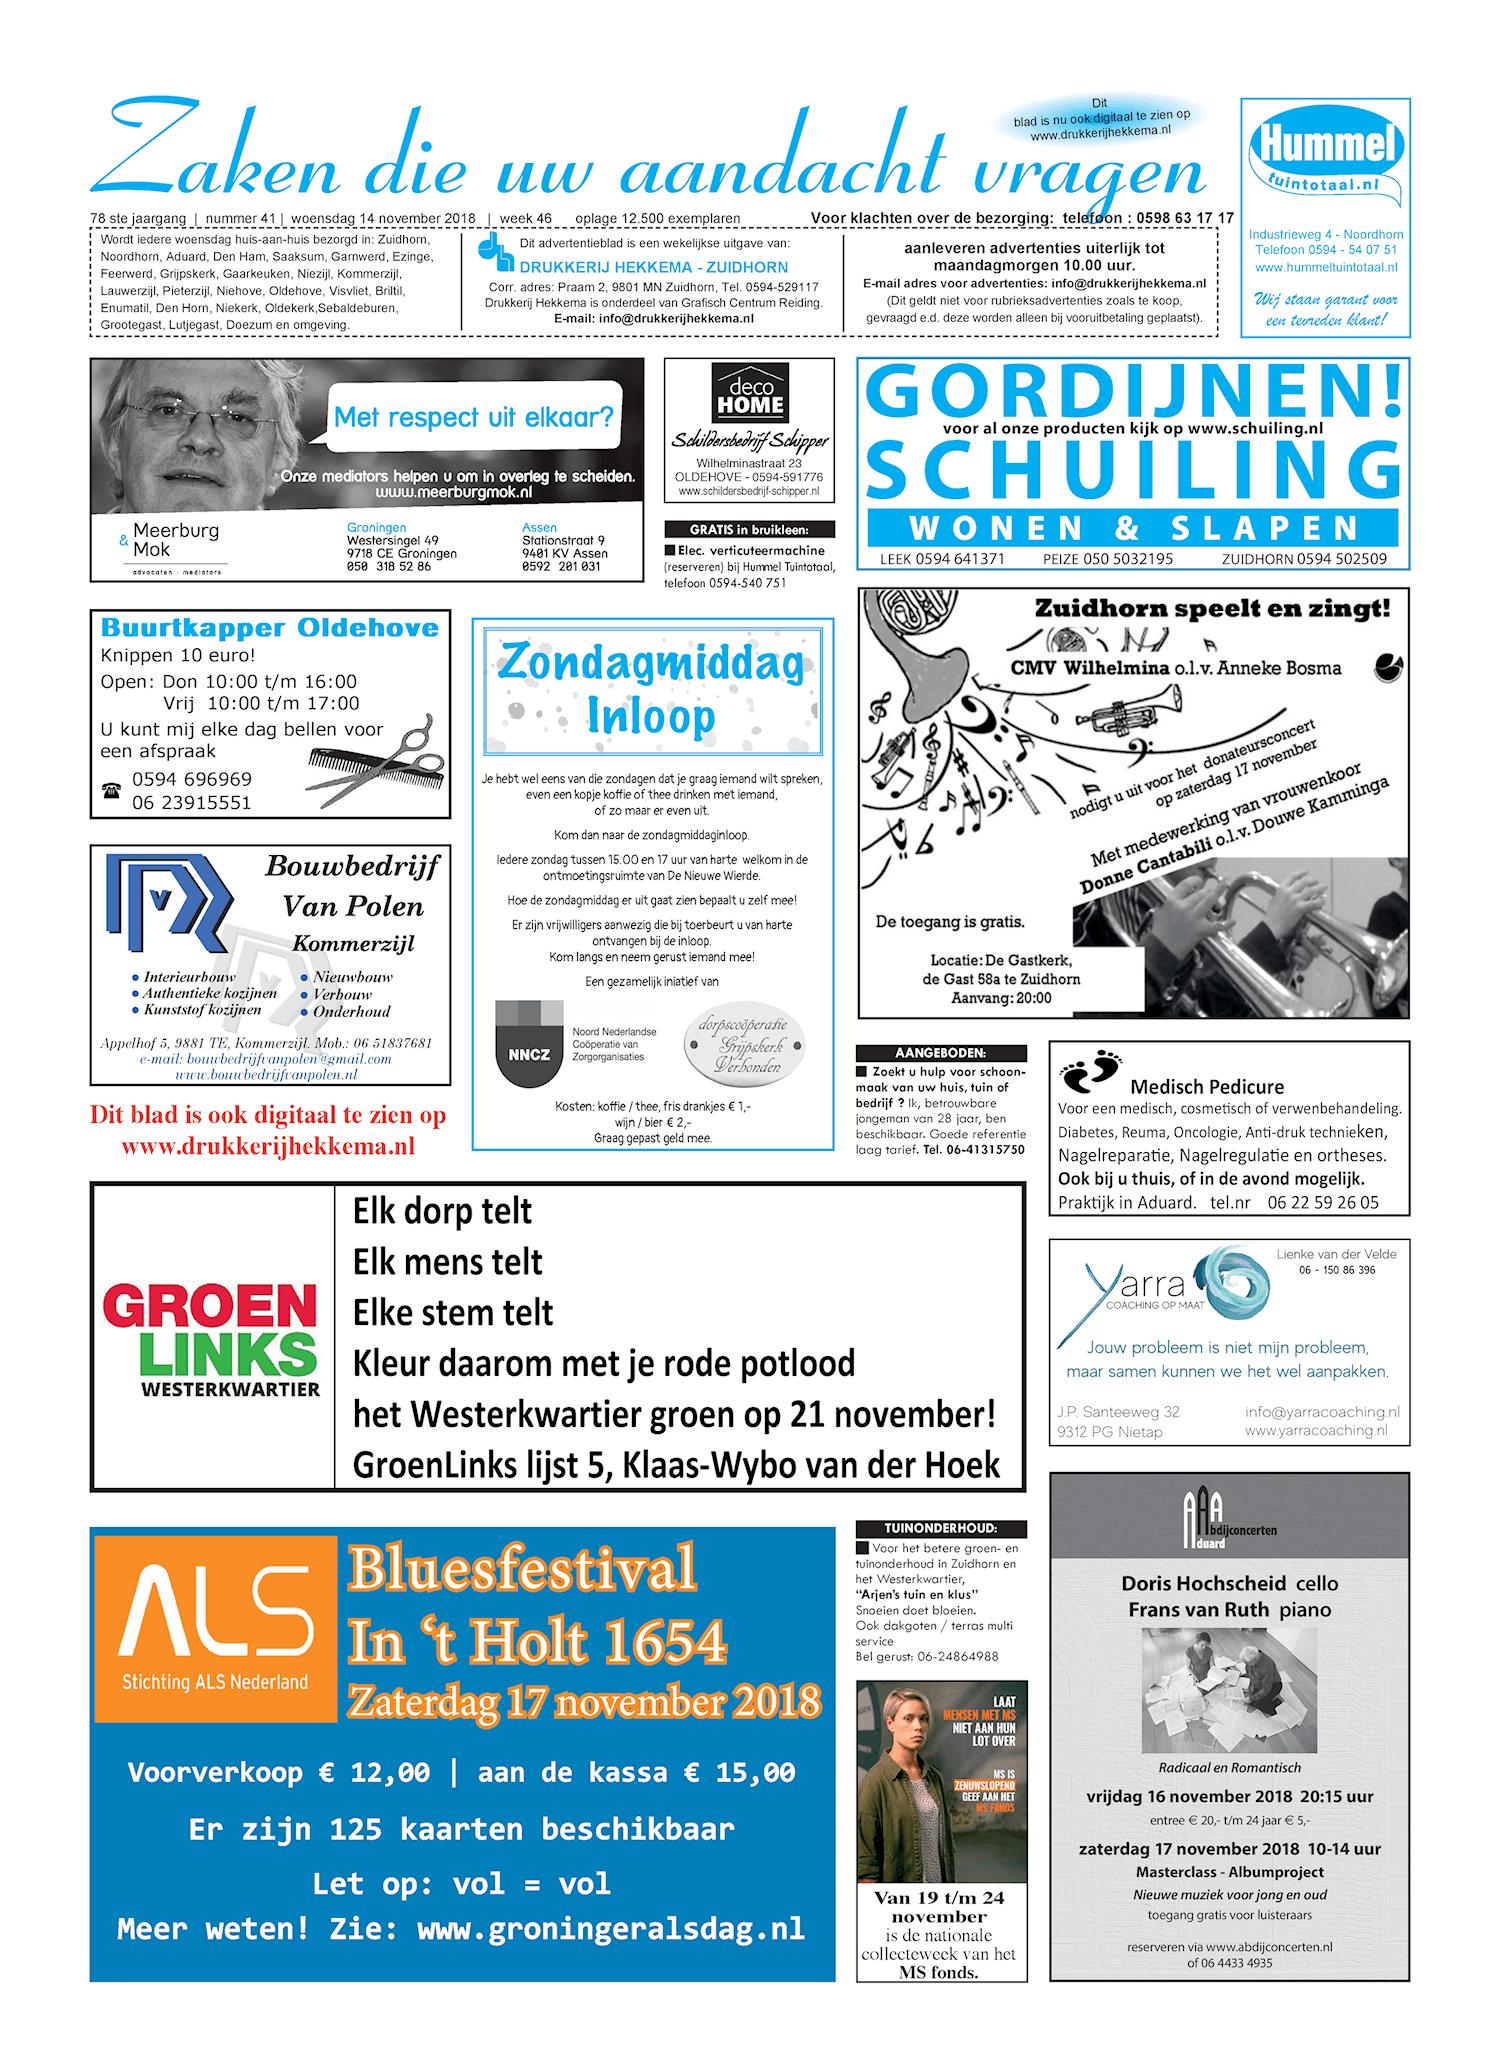 Drukkerij Hekkema - Zuidhorn - Zaken die uw aandacht vragen 2018 week 46